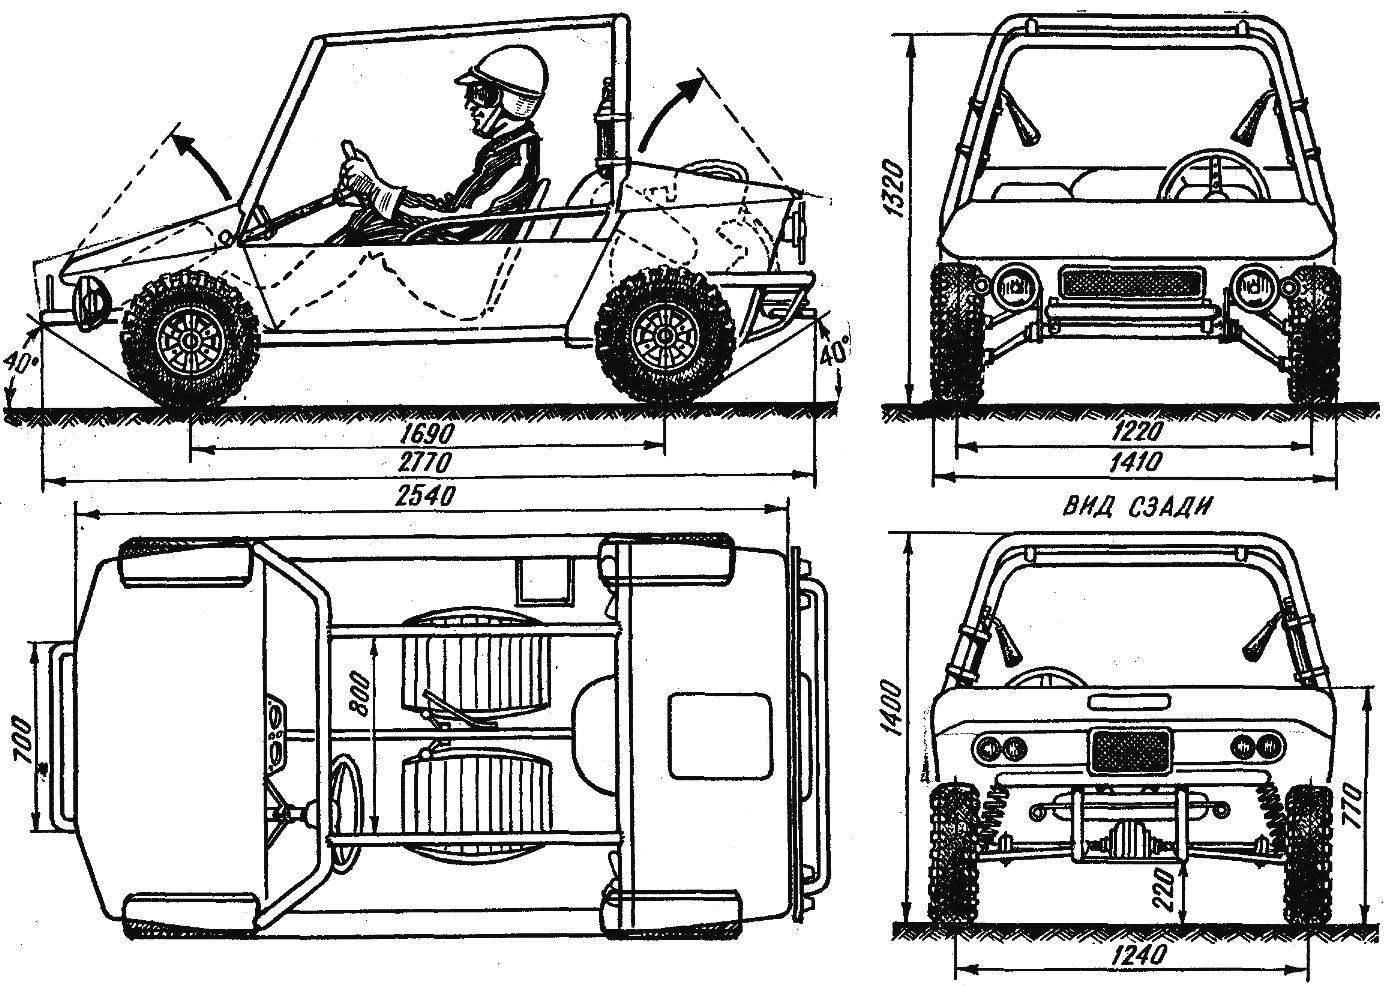 Рис. 2. Схема микроавтомобиля багги «КВП» в четырех проекциях.